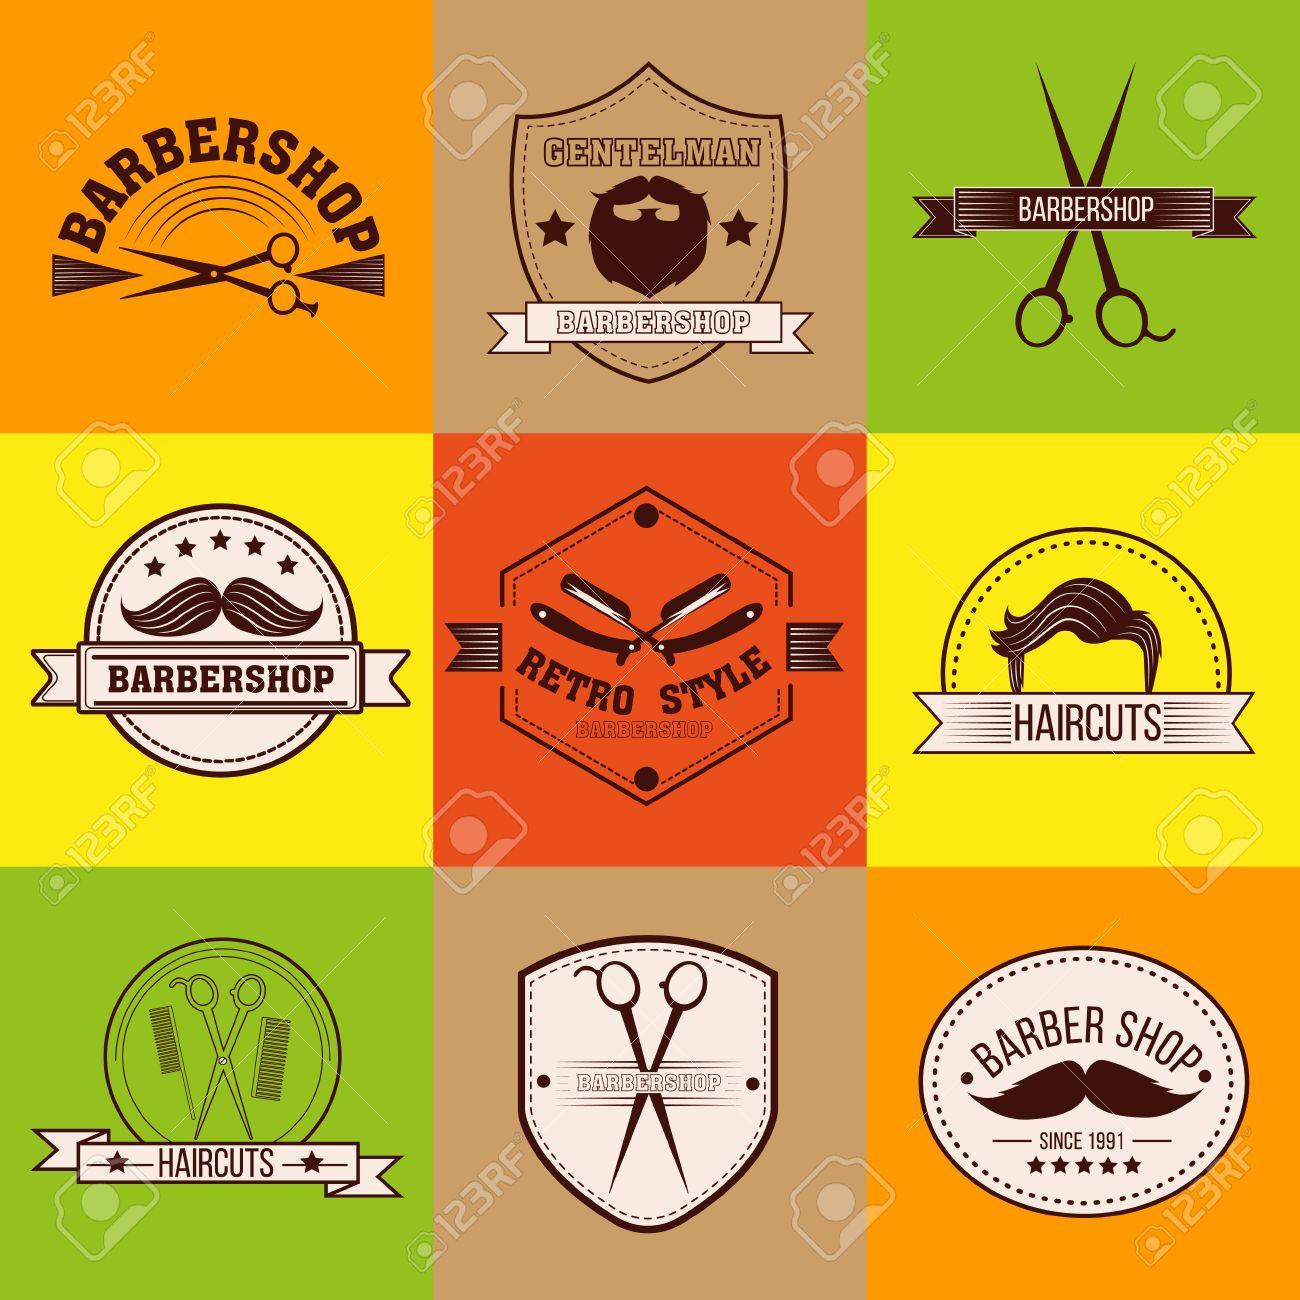 Clip art vector of vintage barber shop logo graphics and icon vector - Barber Shop Barber Logo Barber Label Gentleman Style Men S Fashion Barber